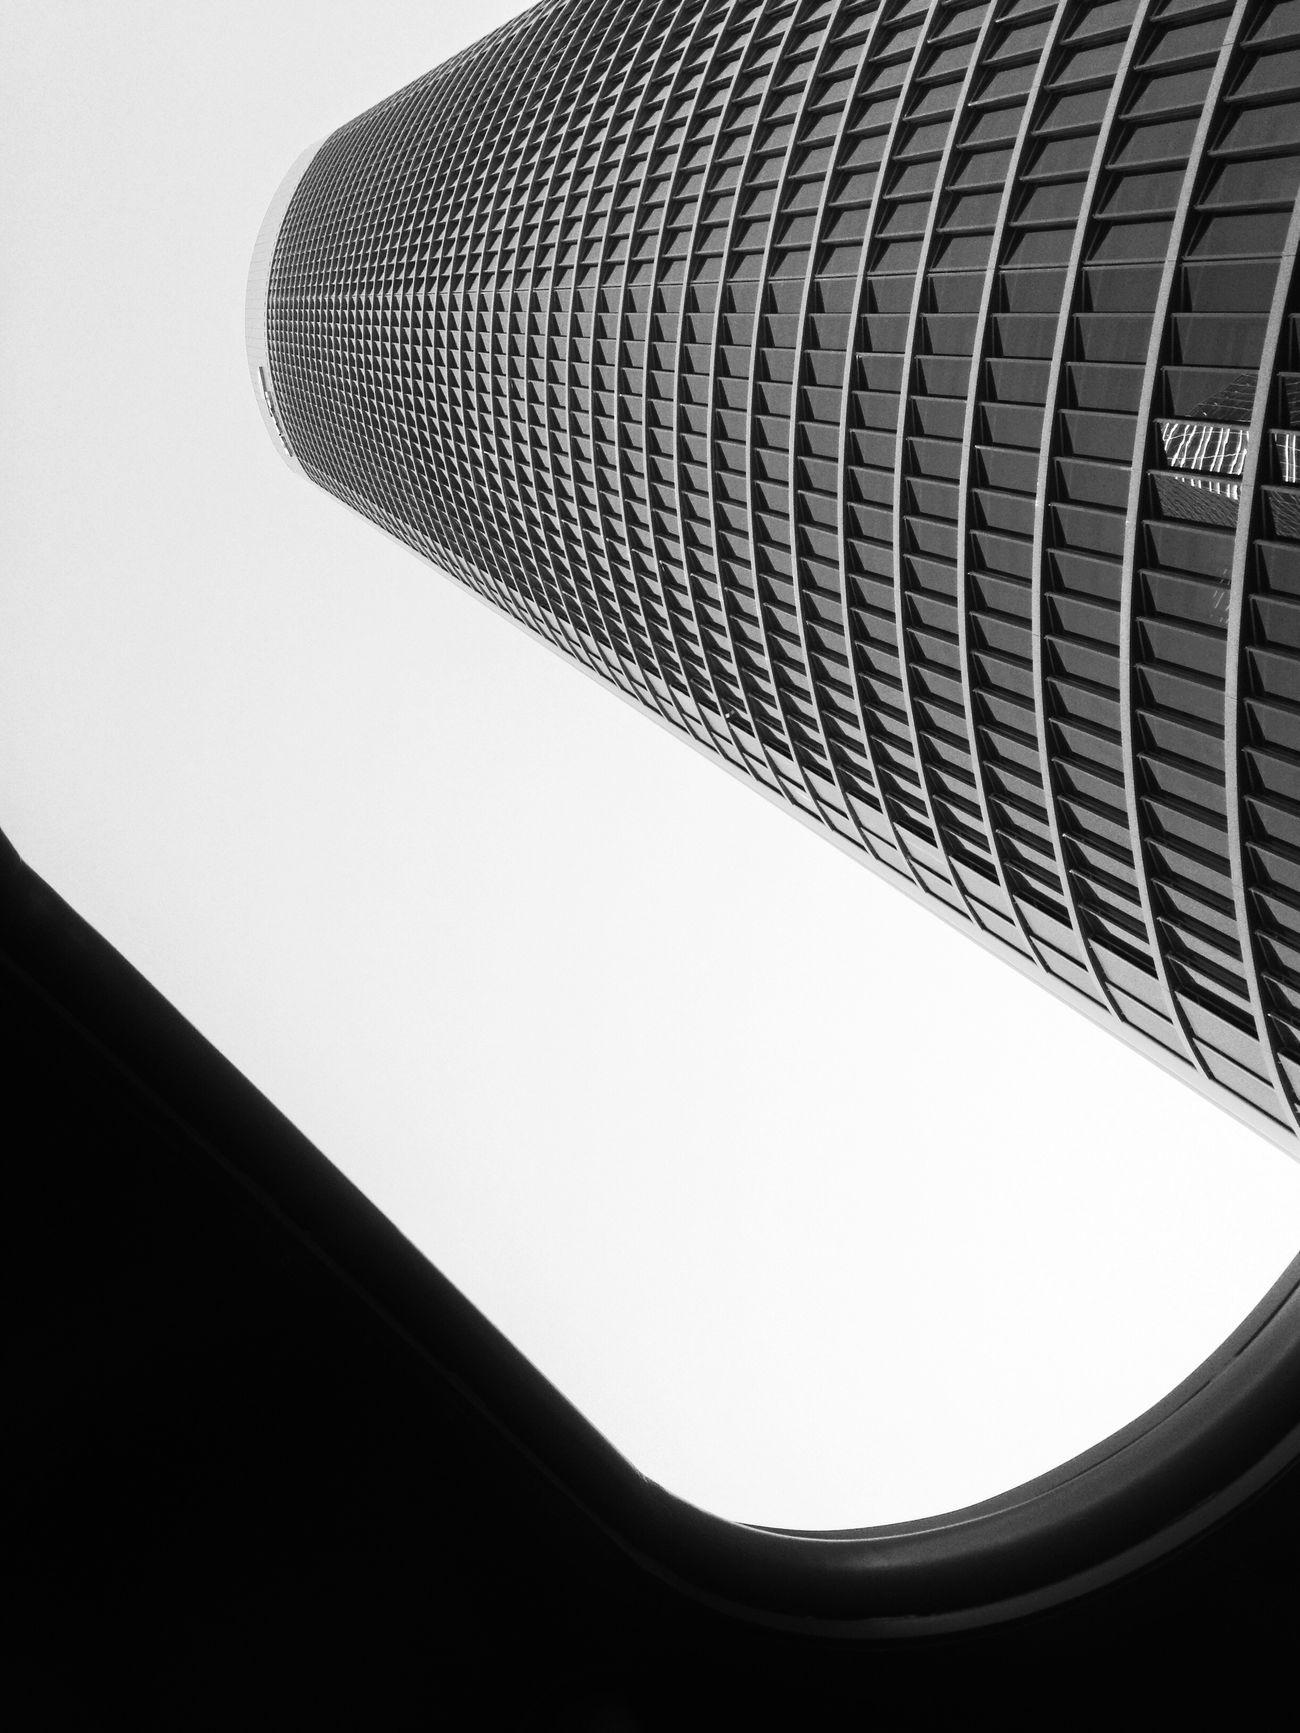 The Architect - 2016 EyeEm Awards IPhoneography EyeEm Best Shots Iphoneonly Mobilephotography Youmobile Blackandwhite NEM Architecture NEM Black&white EyeEm Best Shots - Architecture Modern Architecture Architecture